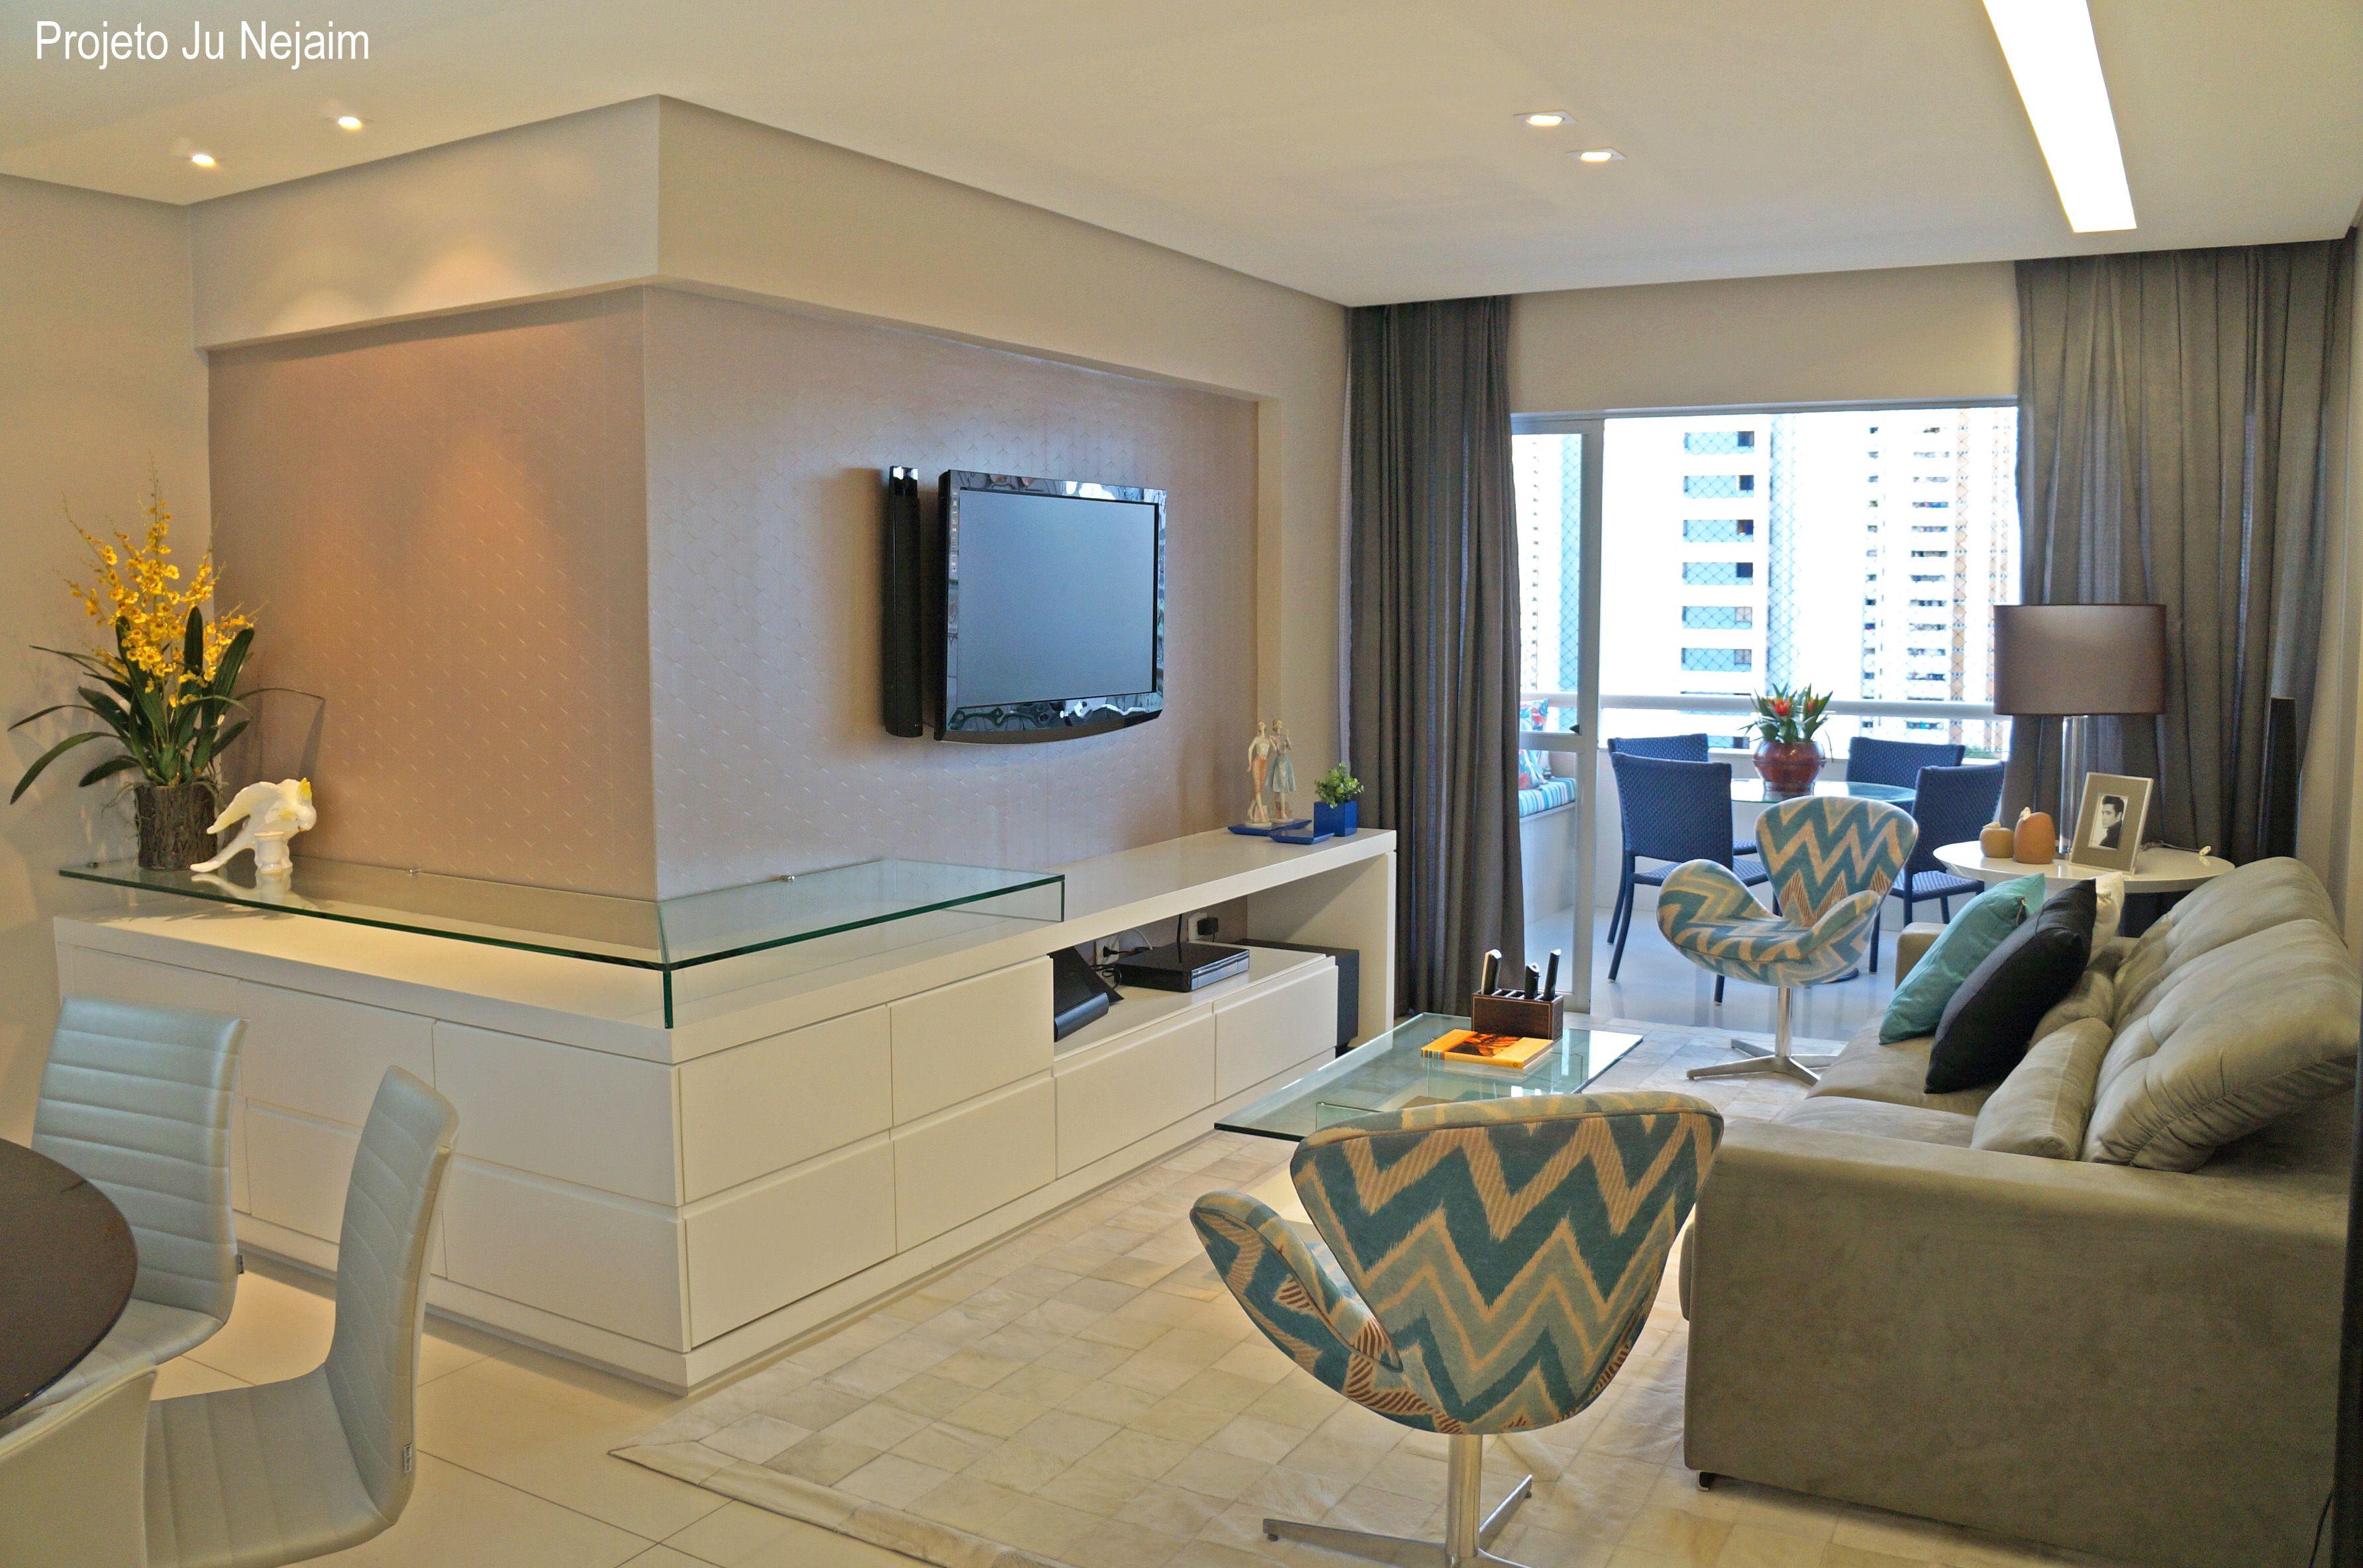 Armario Para Lavanderia Planejado ~ Movel de tv com detalhe em vidro que serve de aparador para sala de jantar Projeto da arquiteta